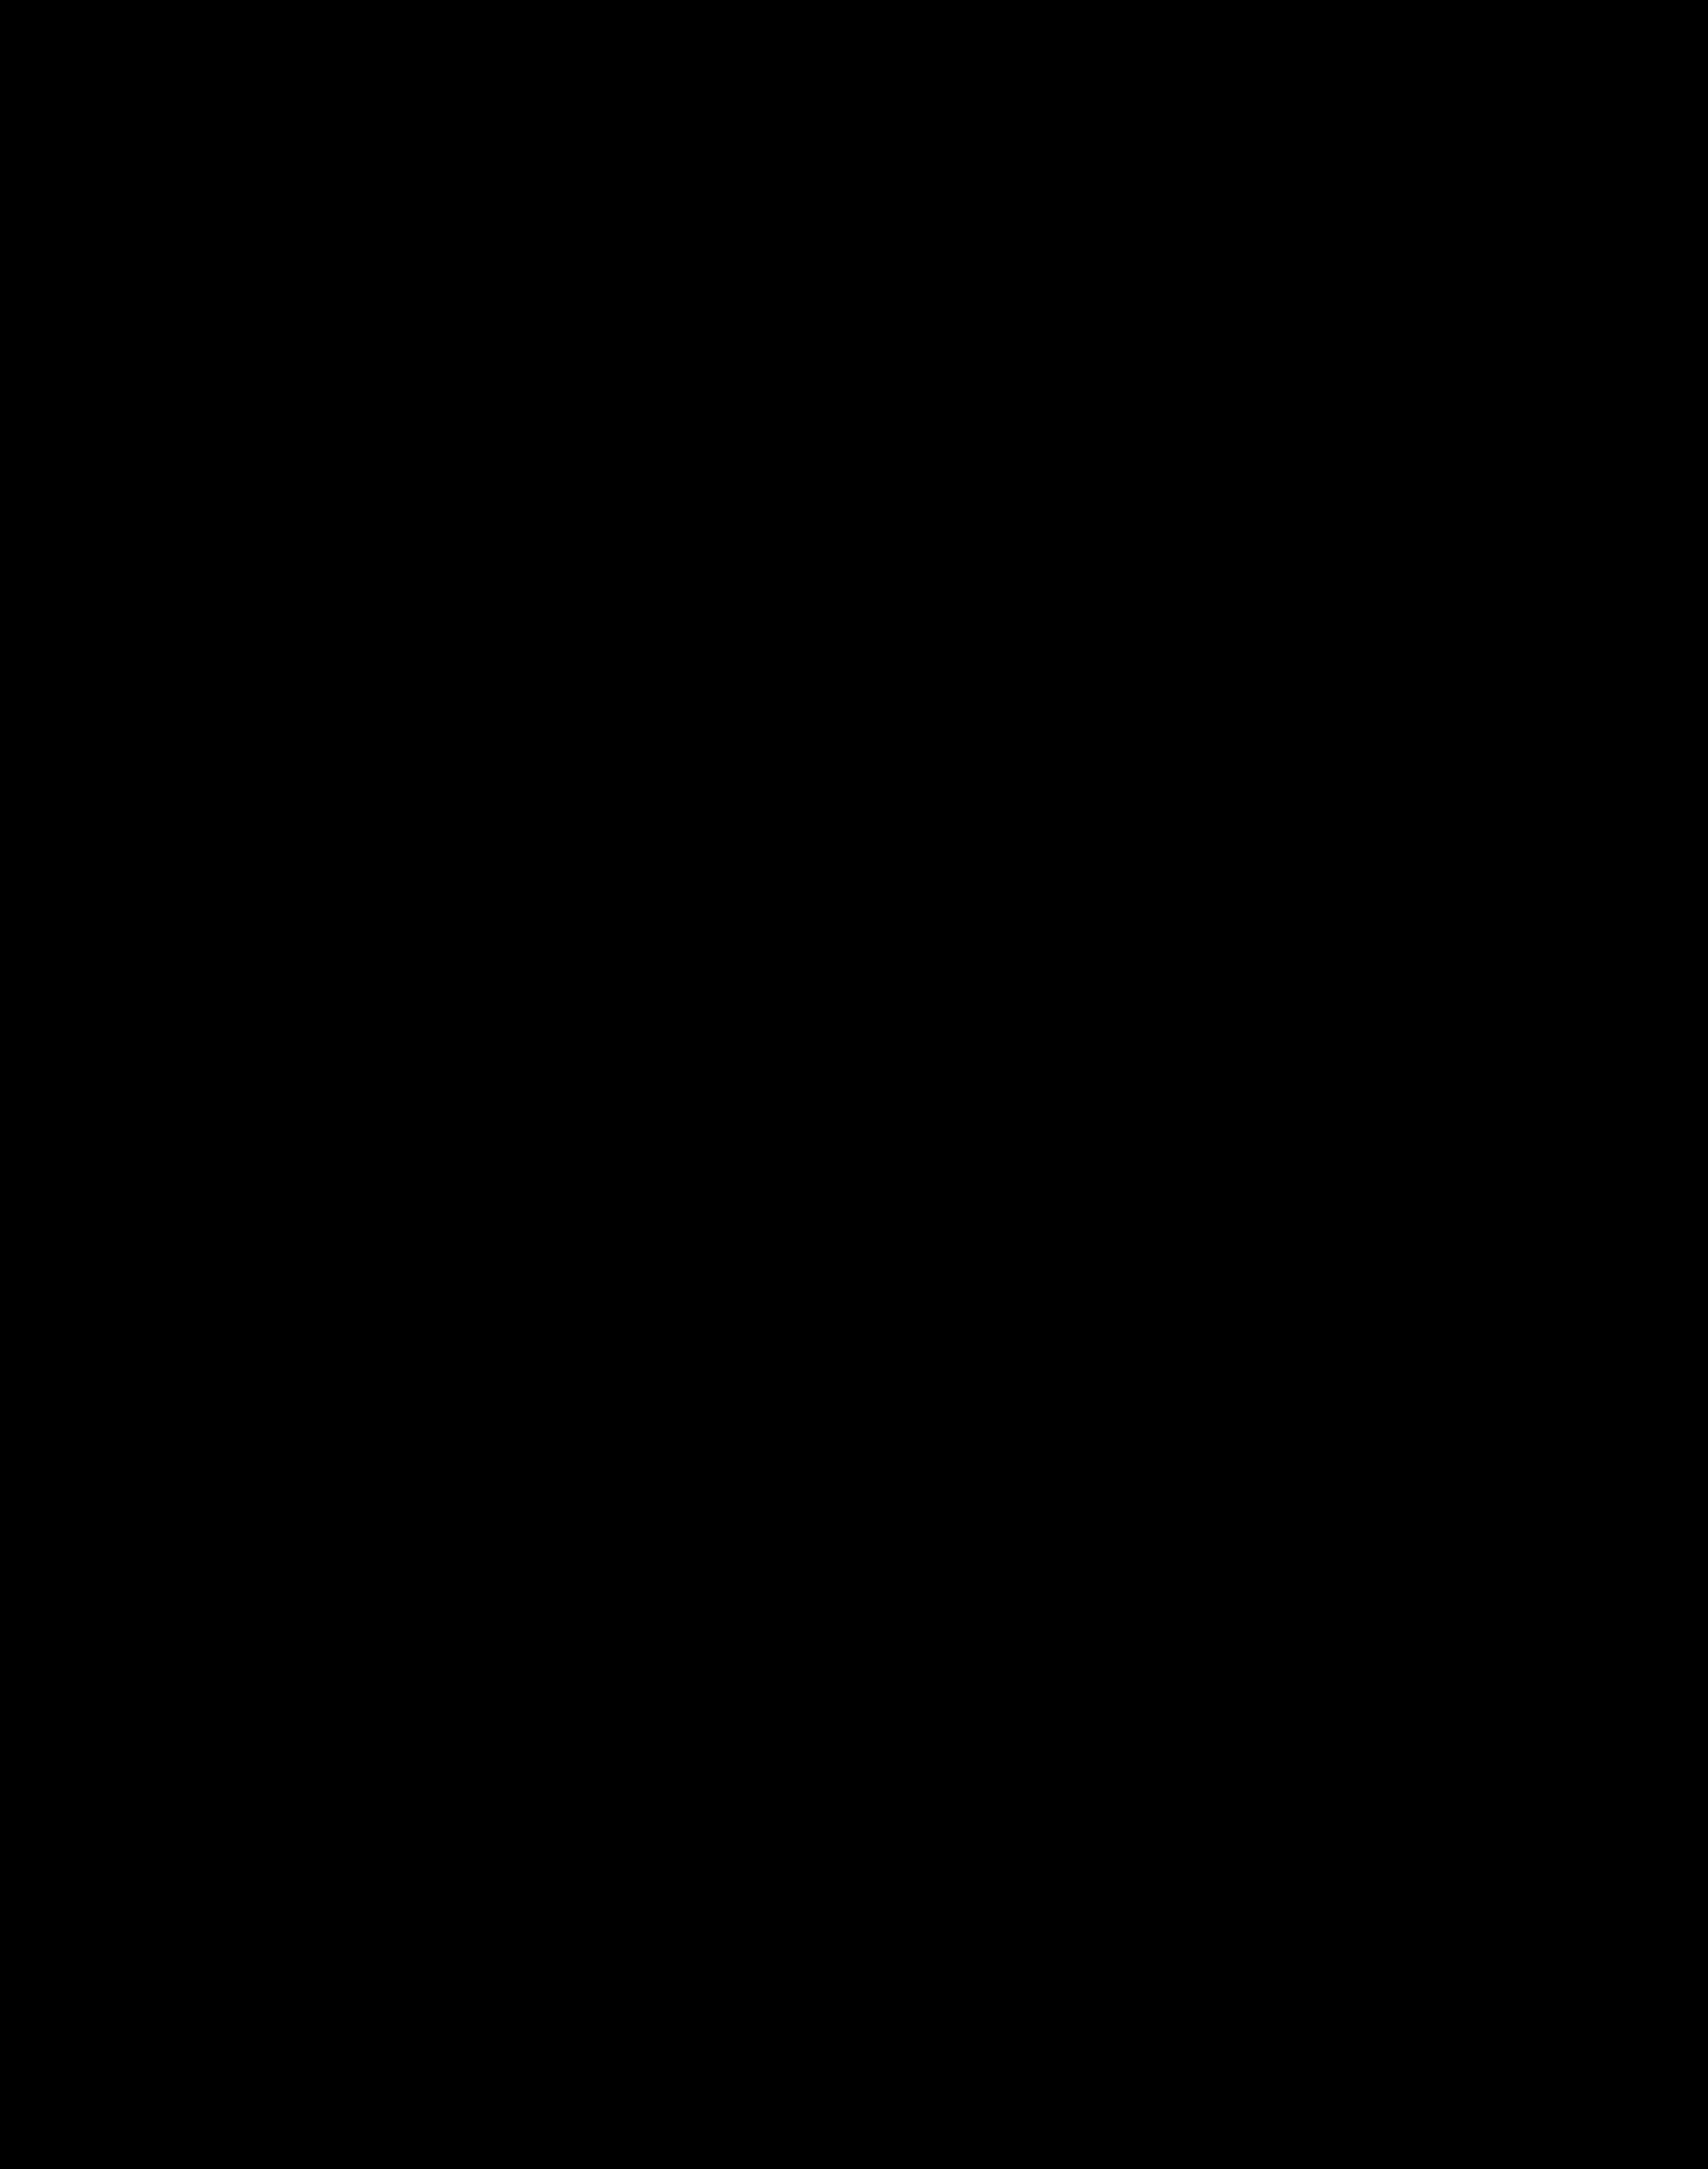 Restaurierte Bornholmer Standuhr aus dem 18. Jahrhundert